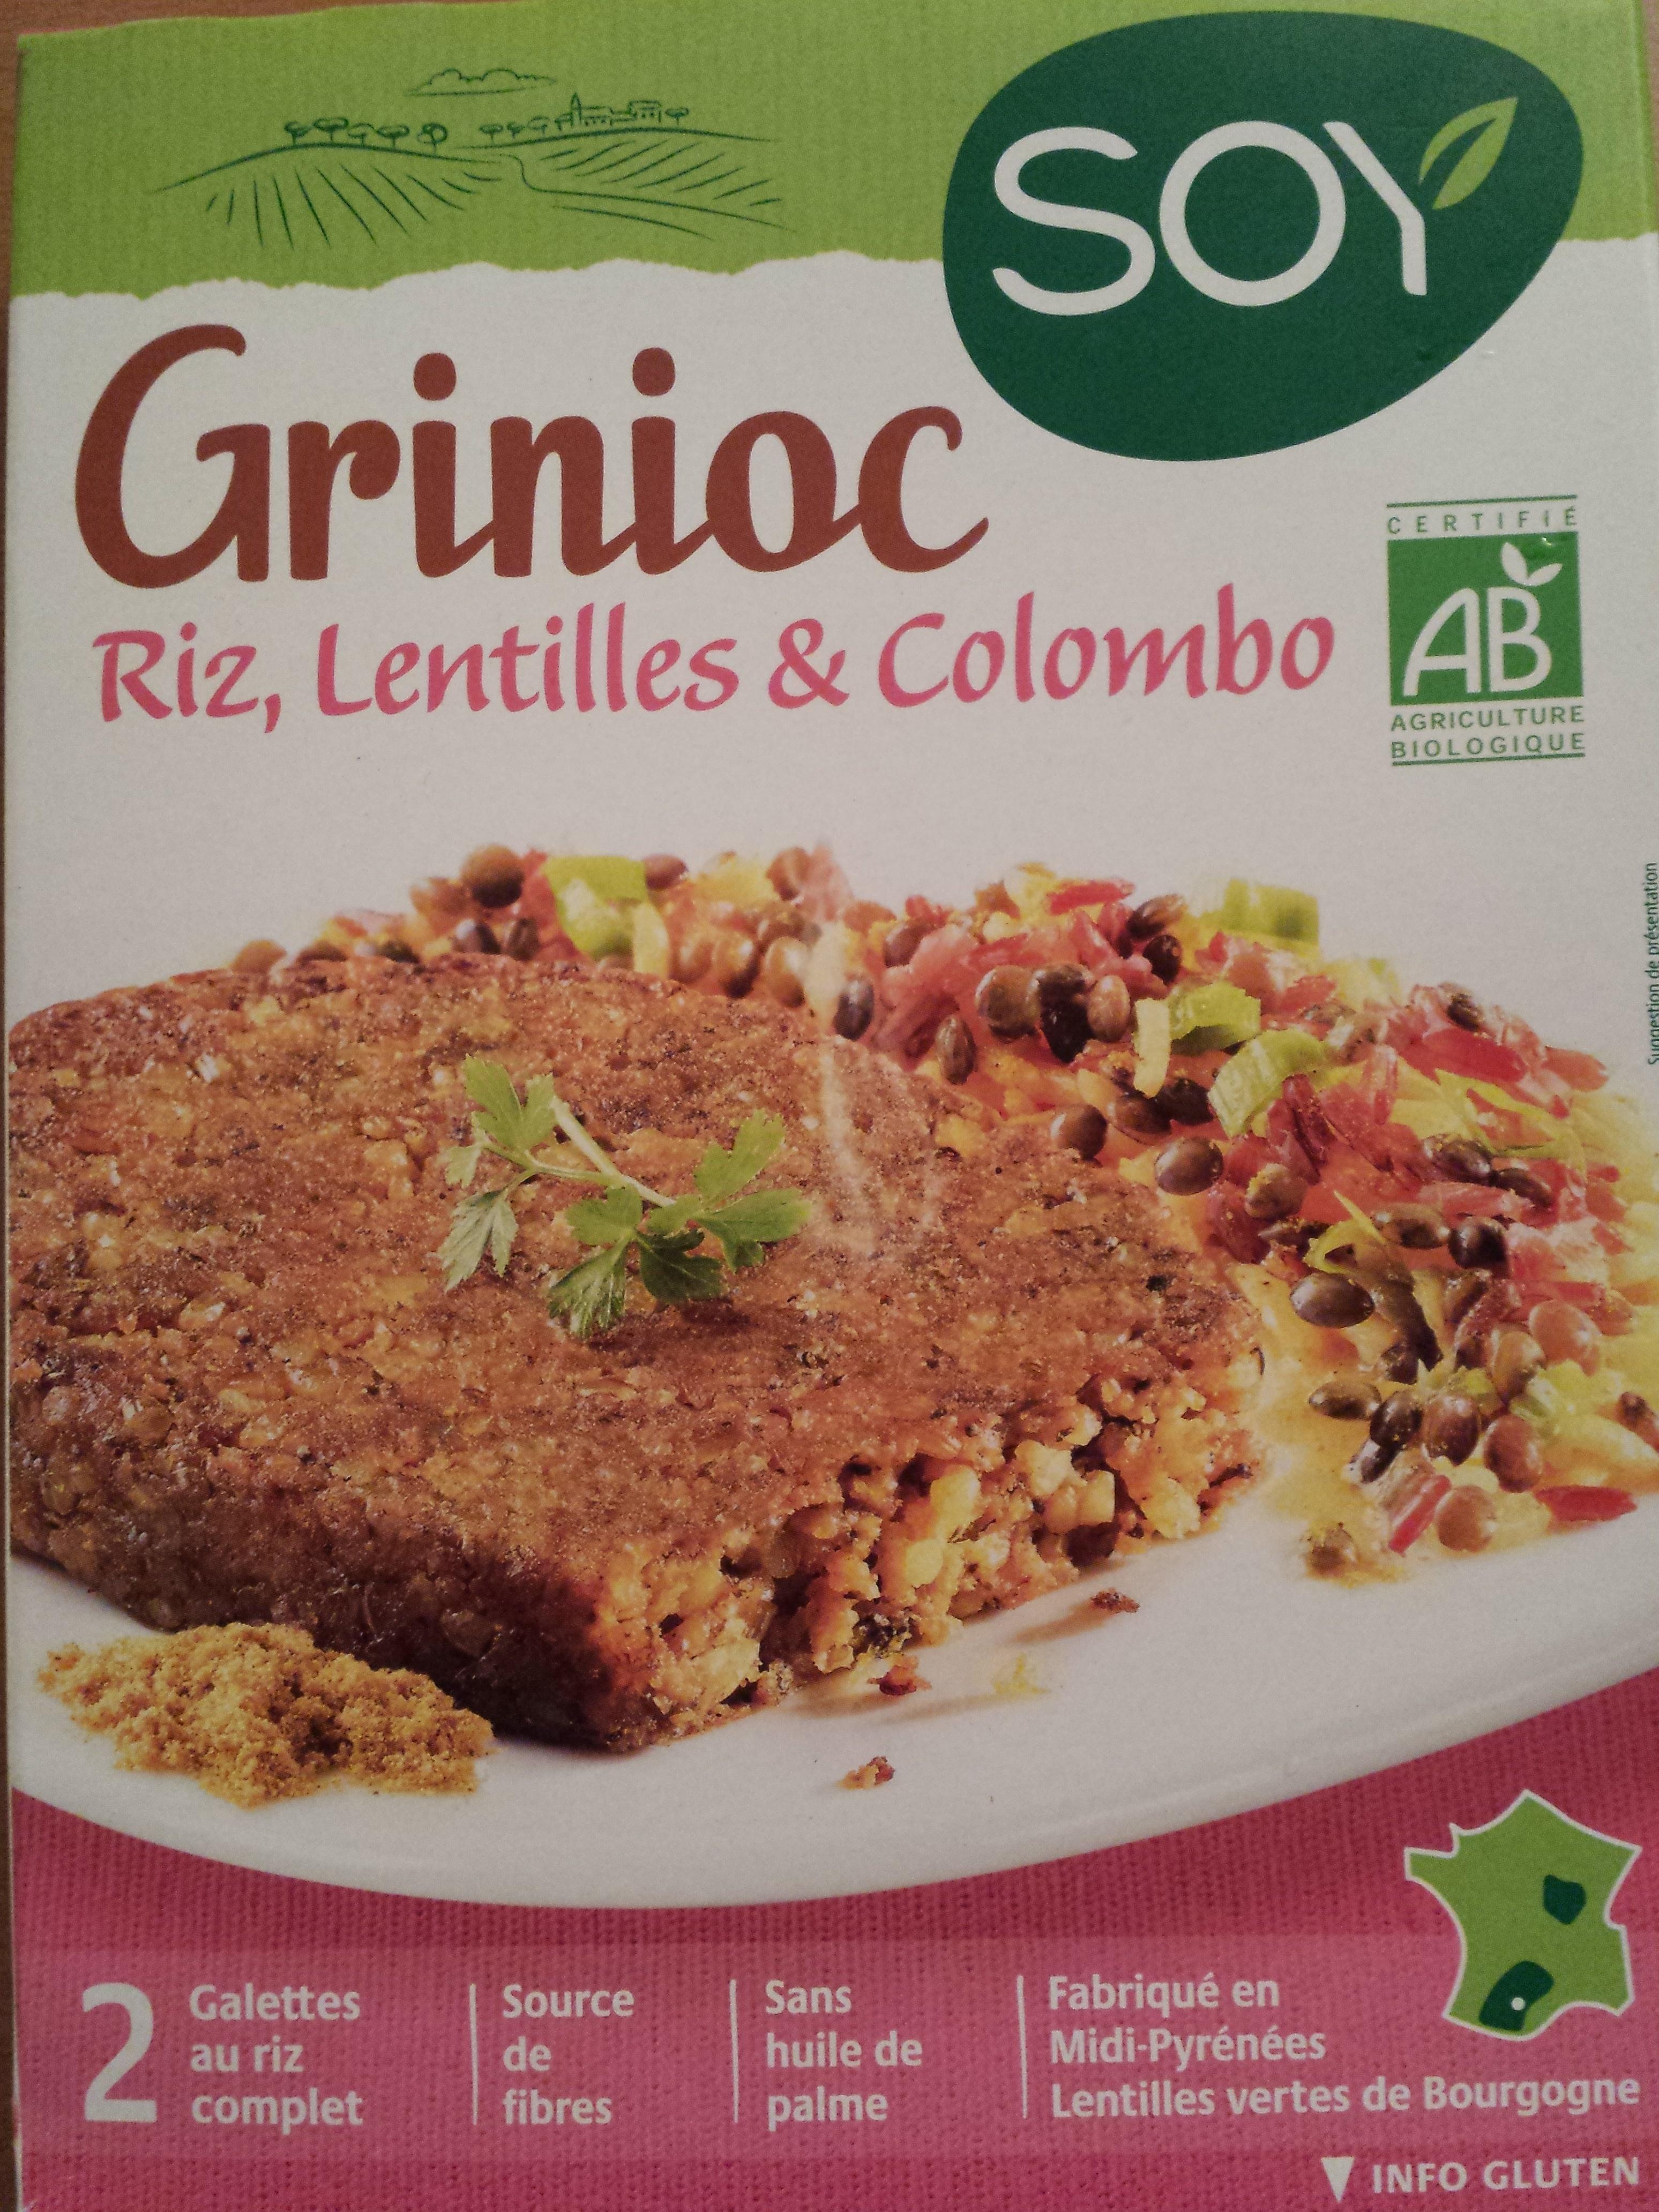 Grinioc Riz, lentilles et colombo - Produit - fr